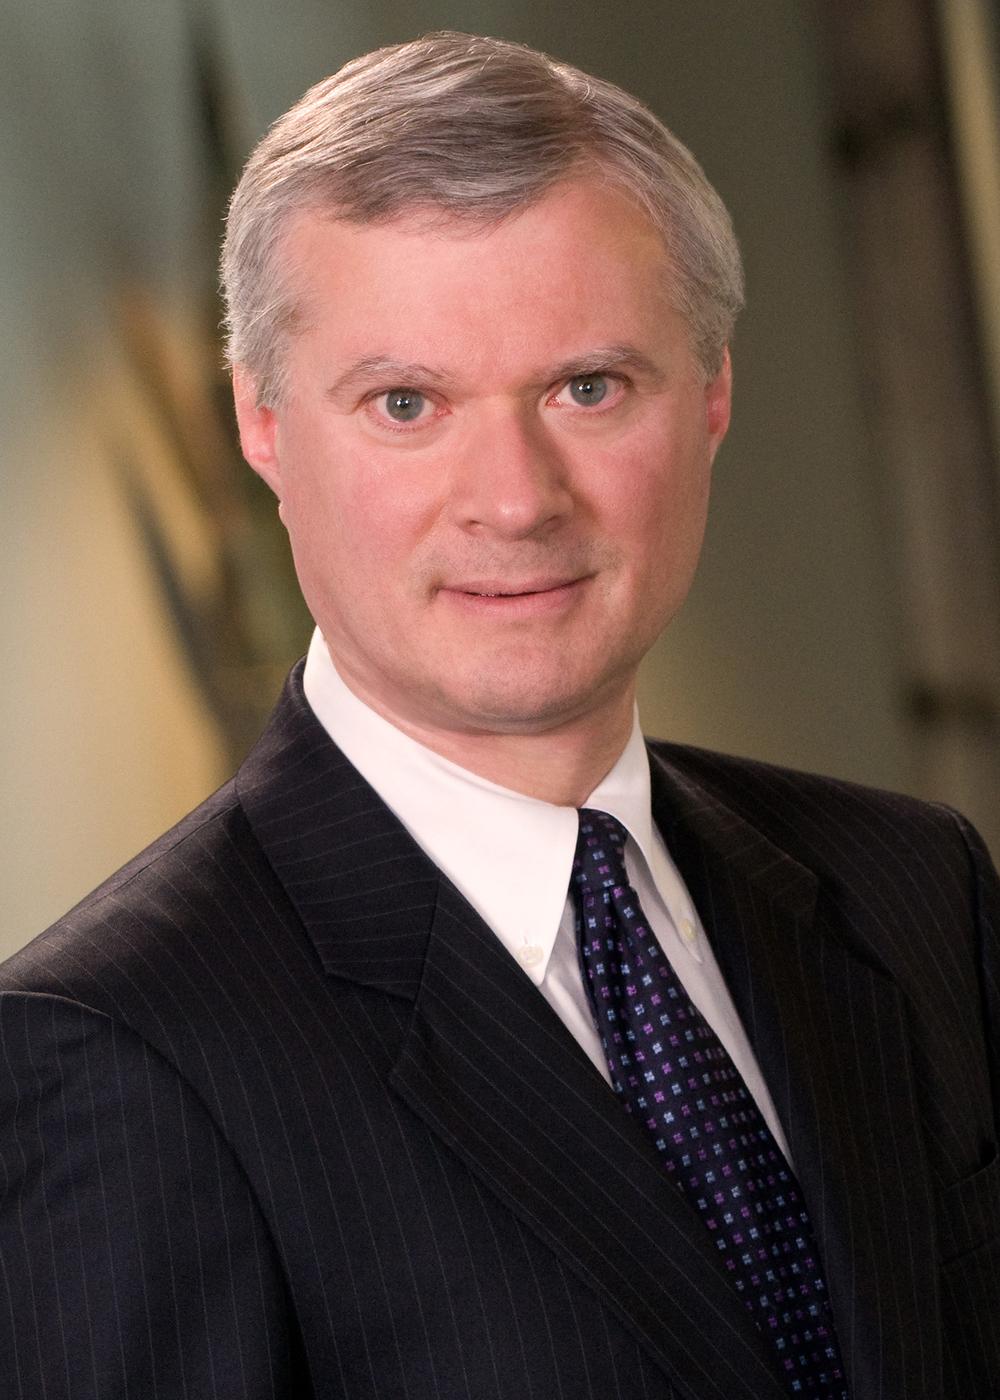 Lino S. Lipinsky de Orlov  Partner, Dentons US LLP   Linkedin